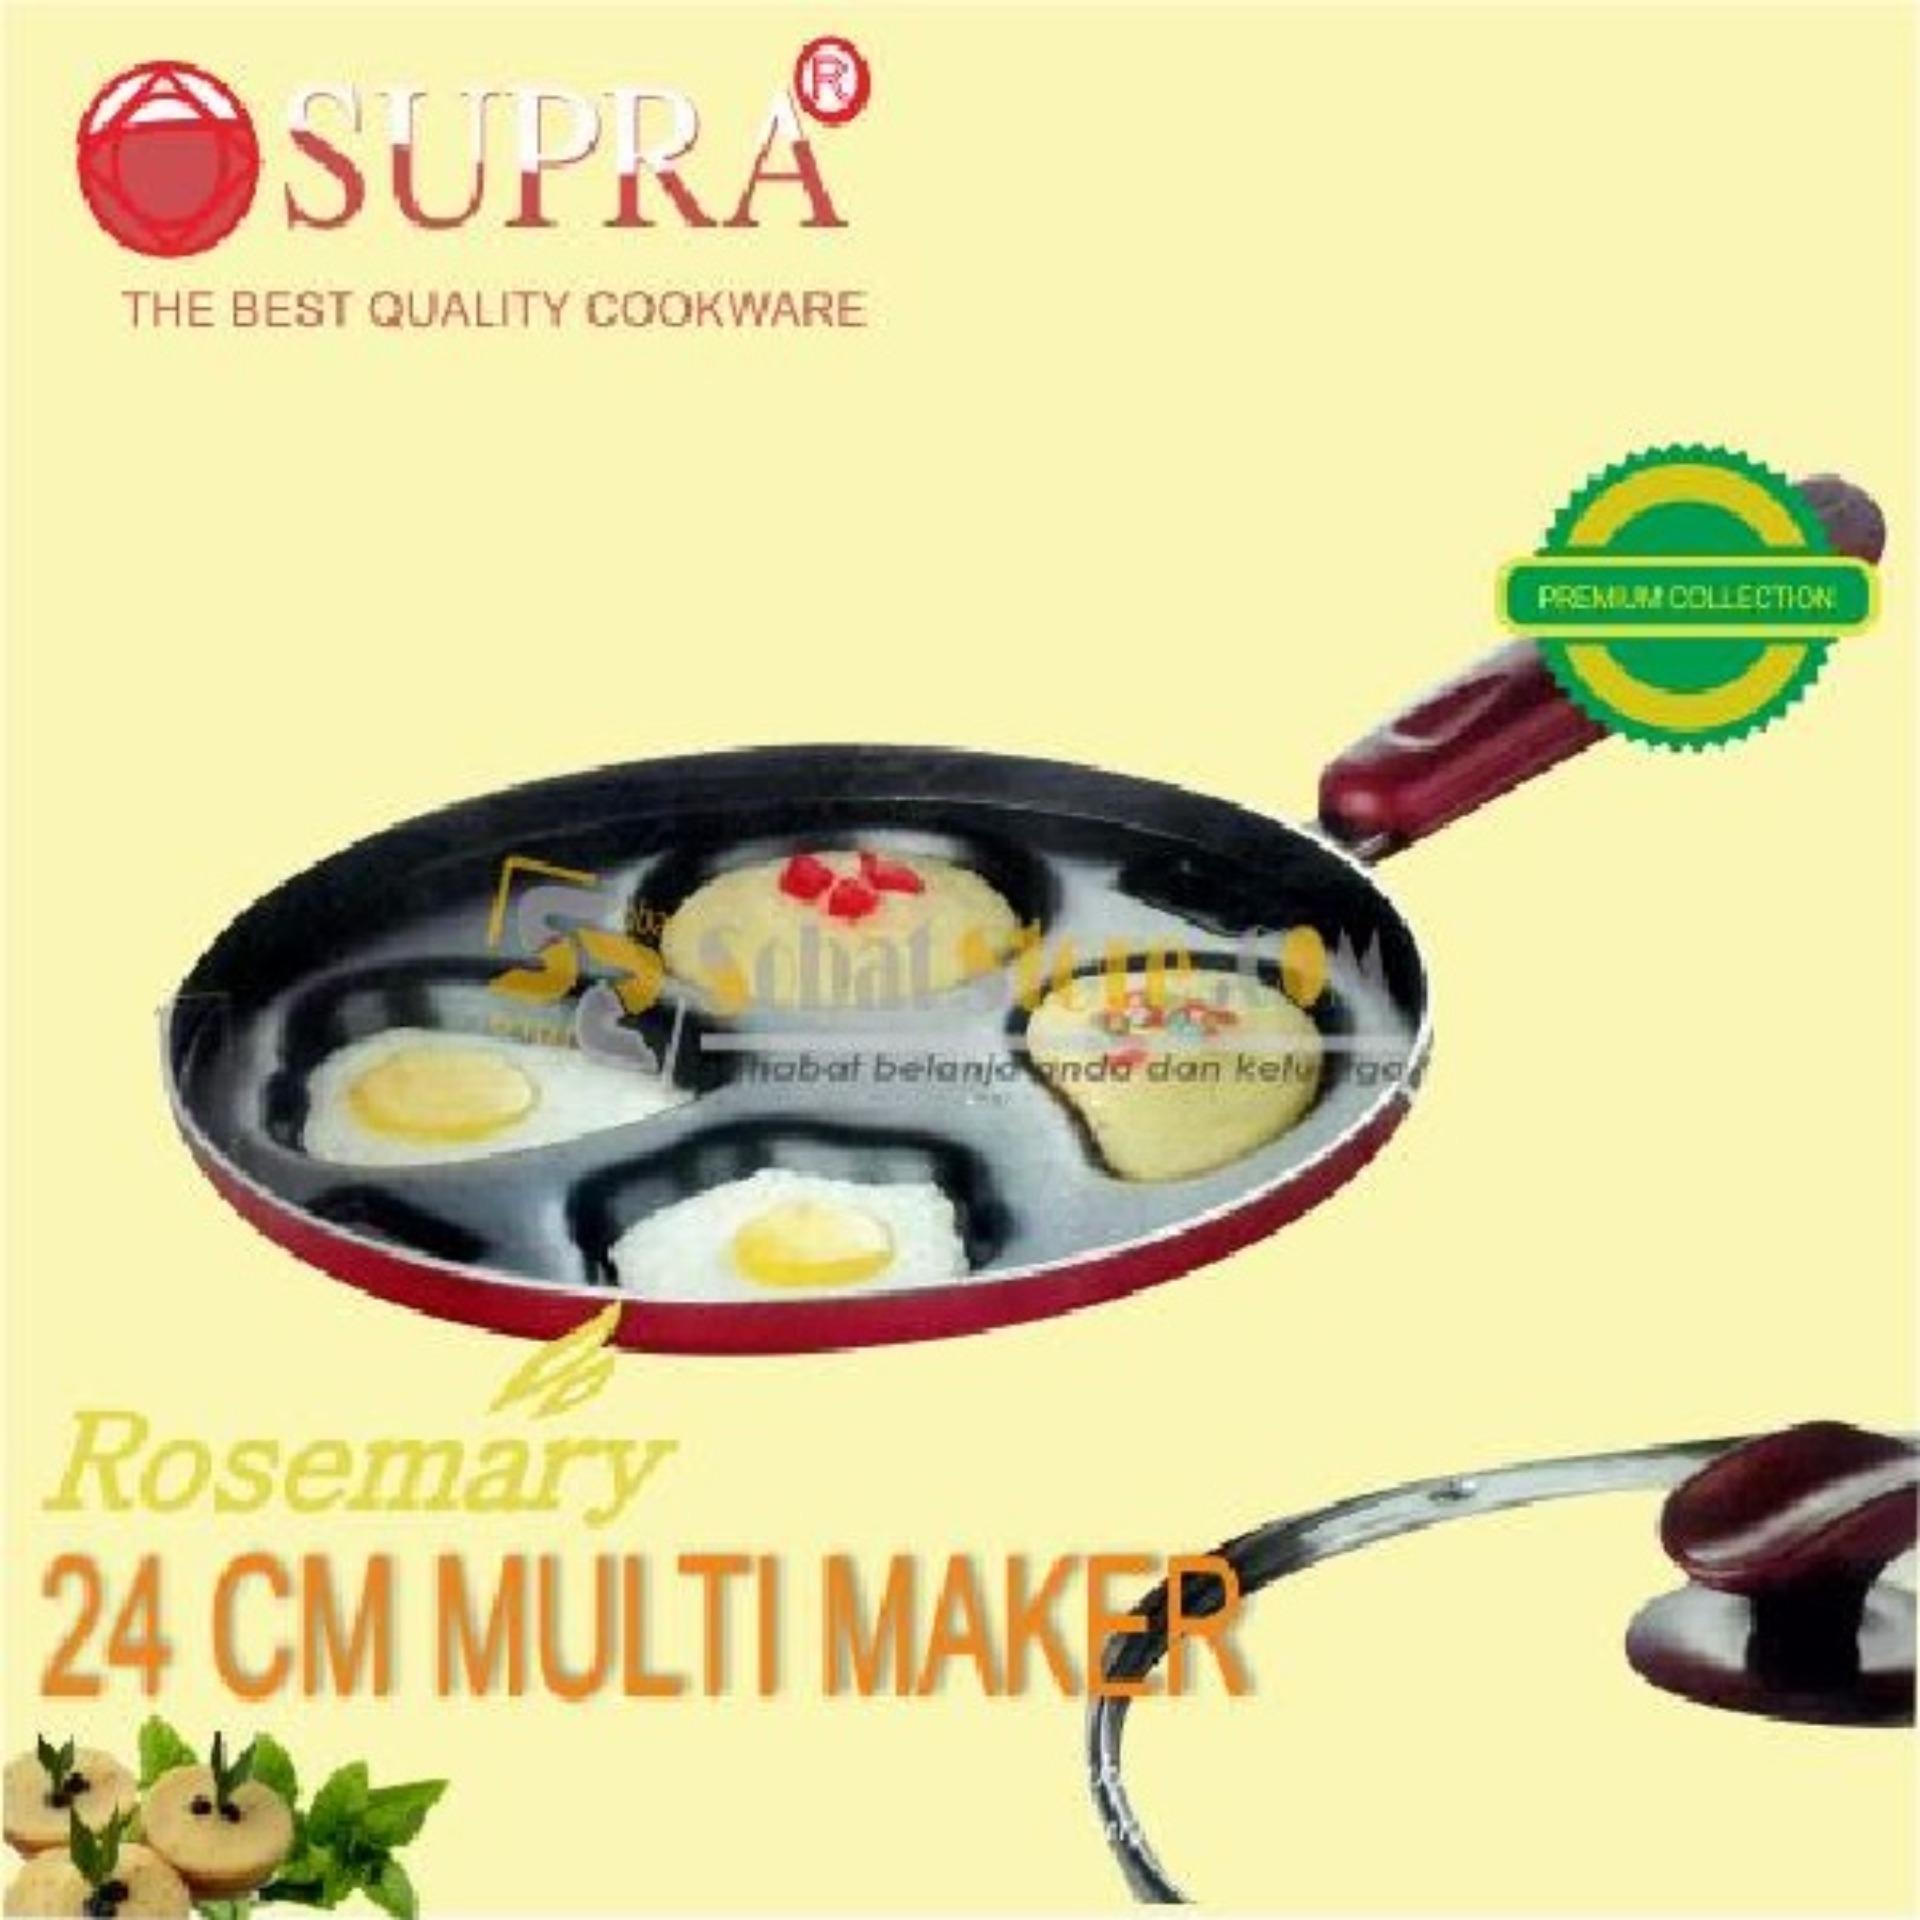 Wajan Cetakan Kue Serbaguna Supra Multi Maker 24cm .